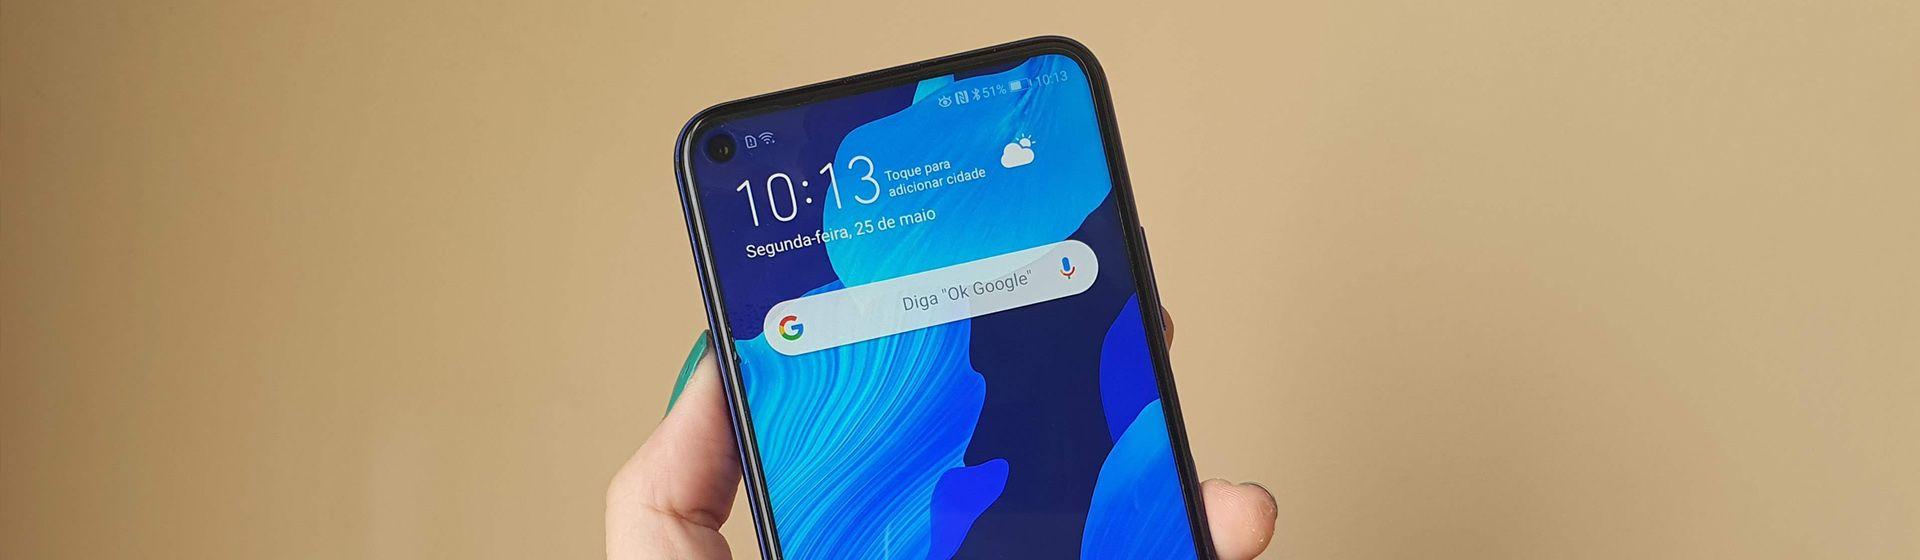 Review Huawei nova 5T: um celular avançado com corte de custos